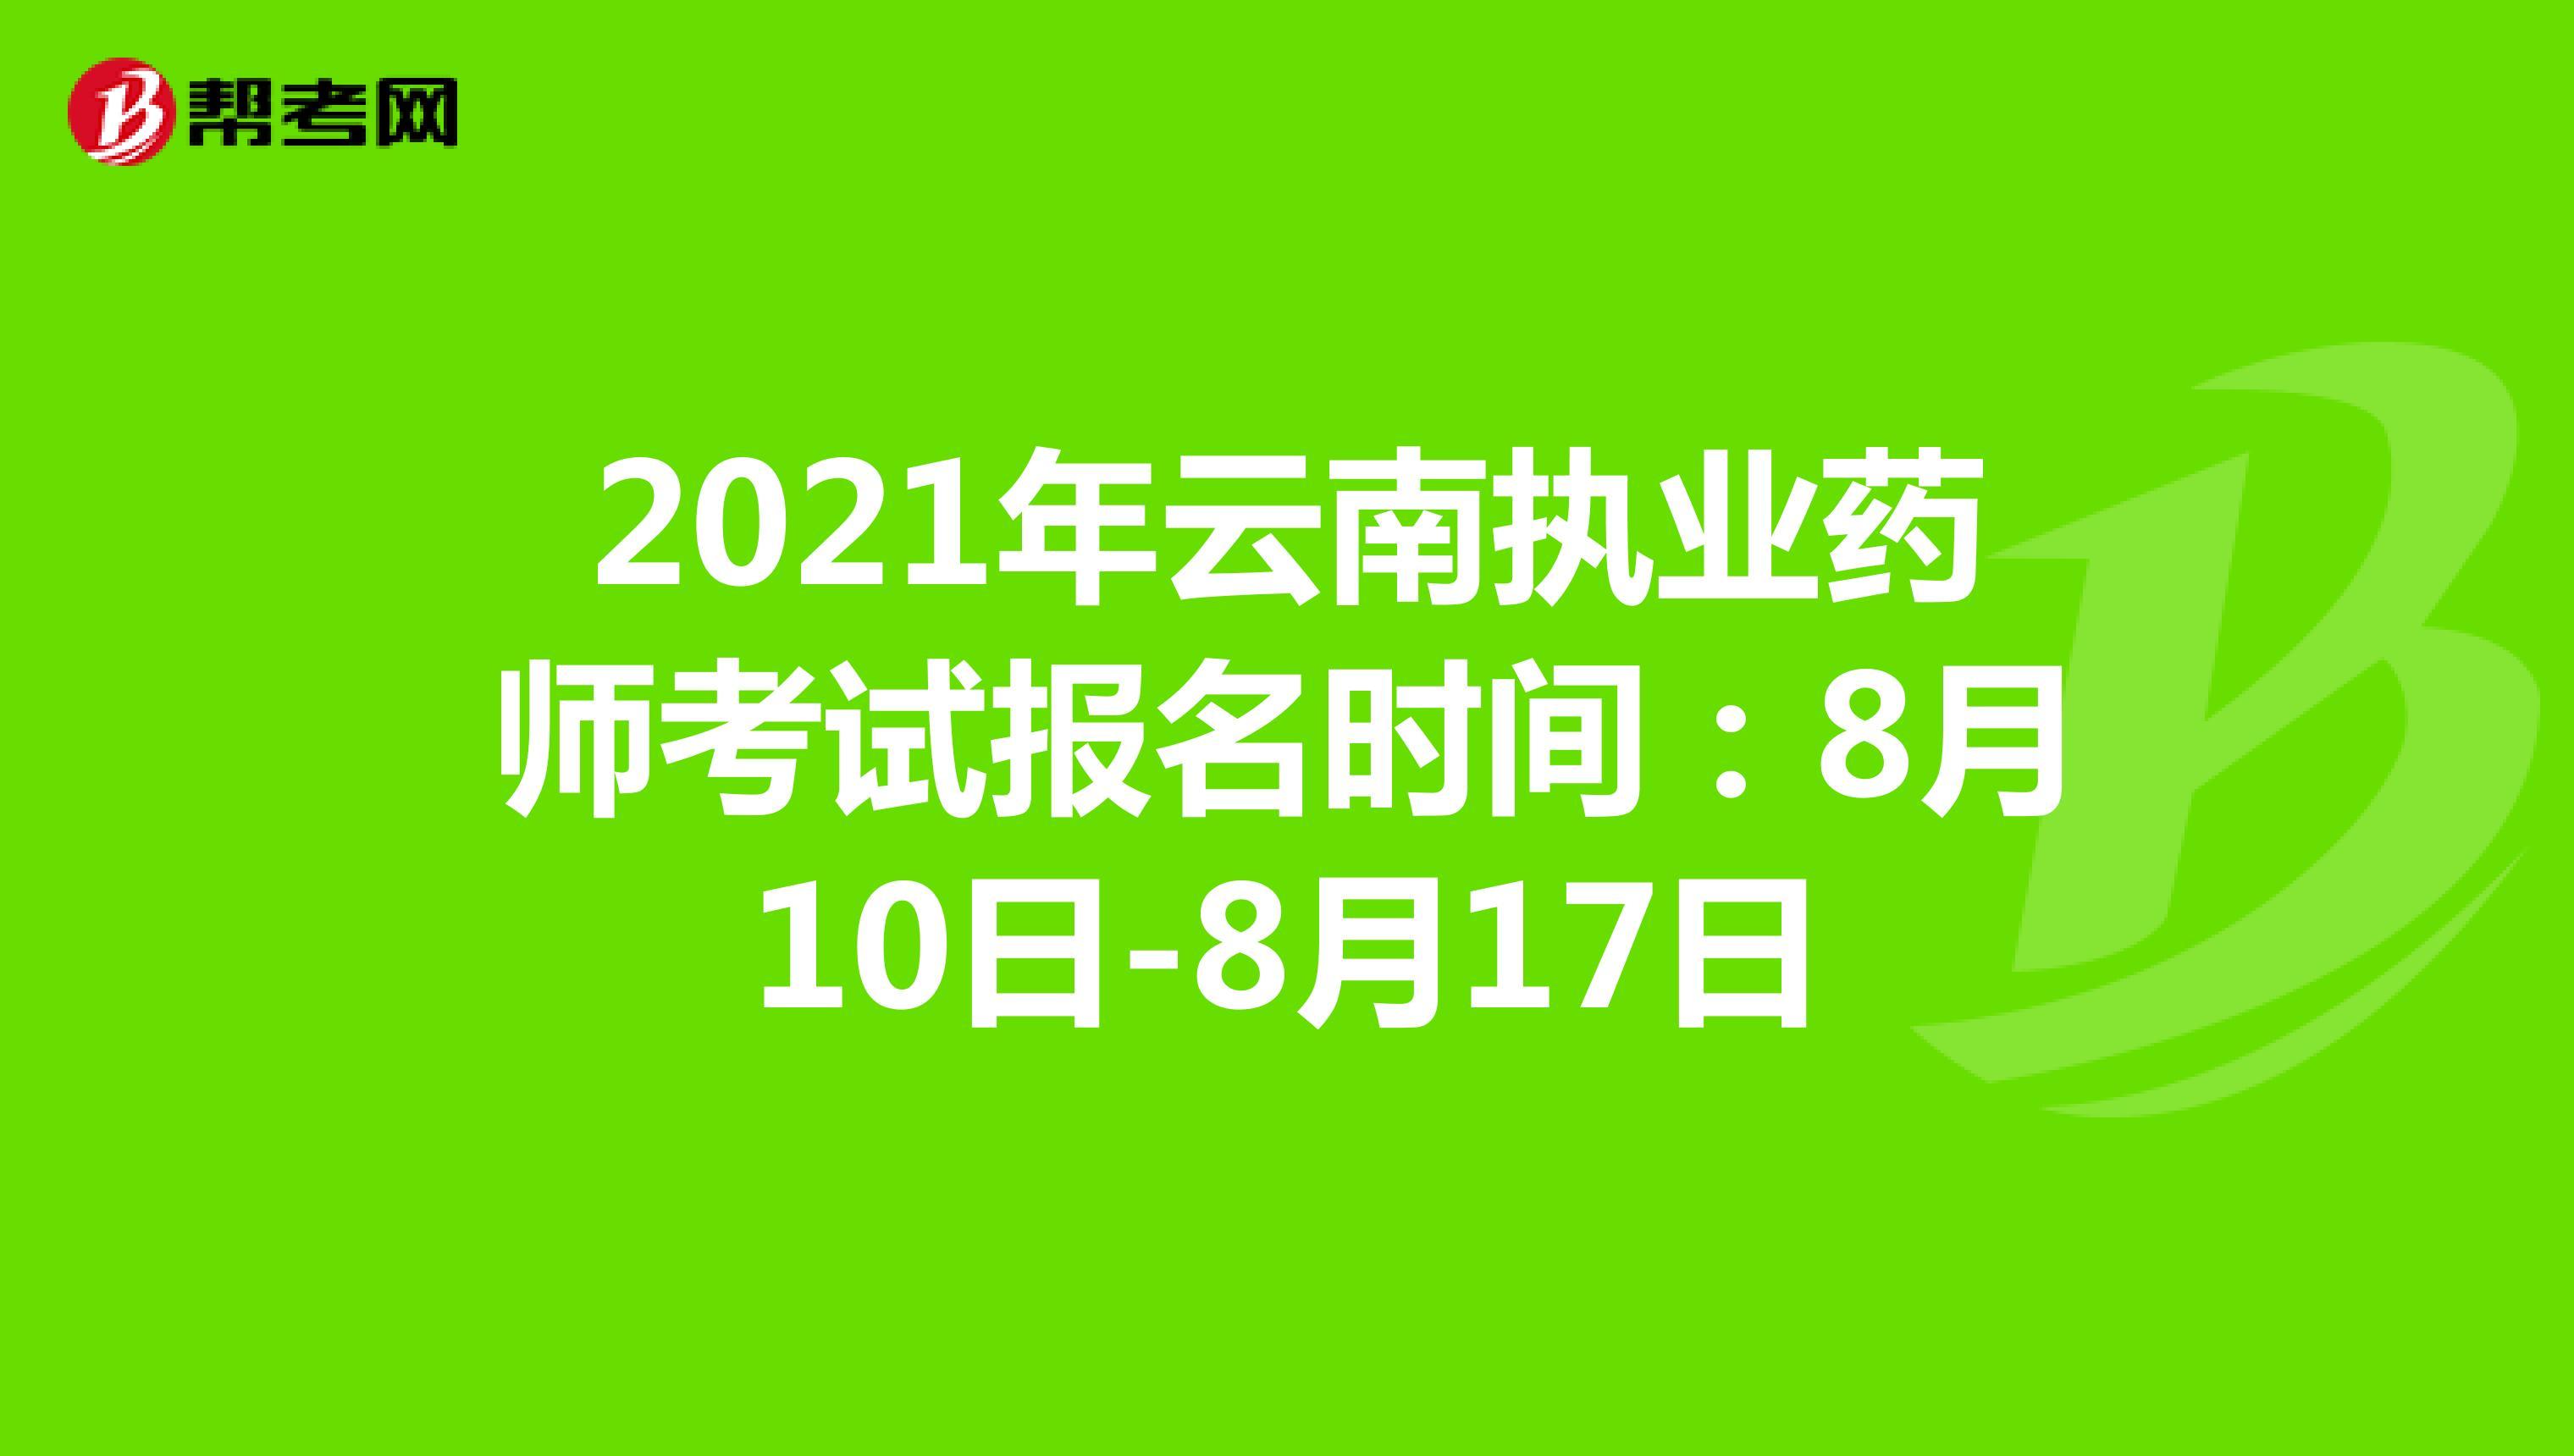 2021年云南执业药师考试报名时间:8月10日-8月17日